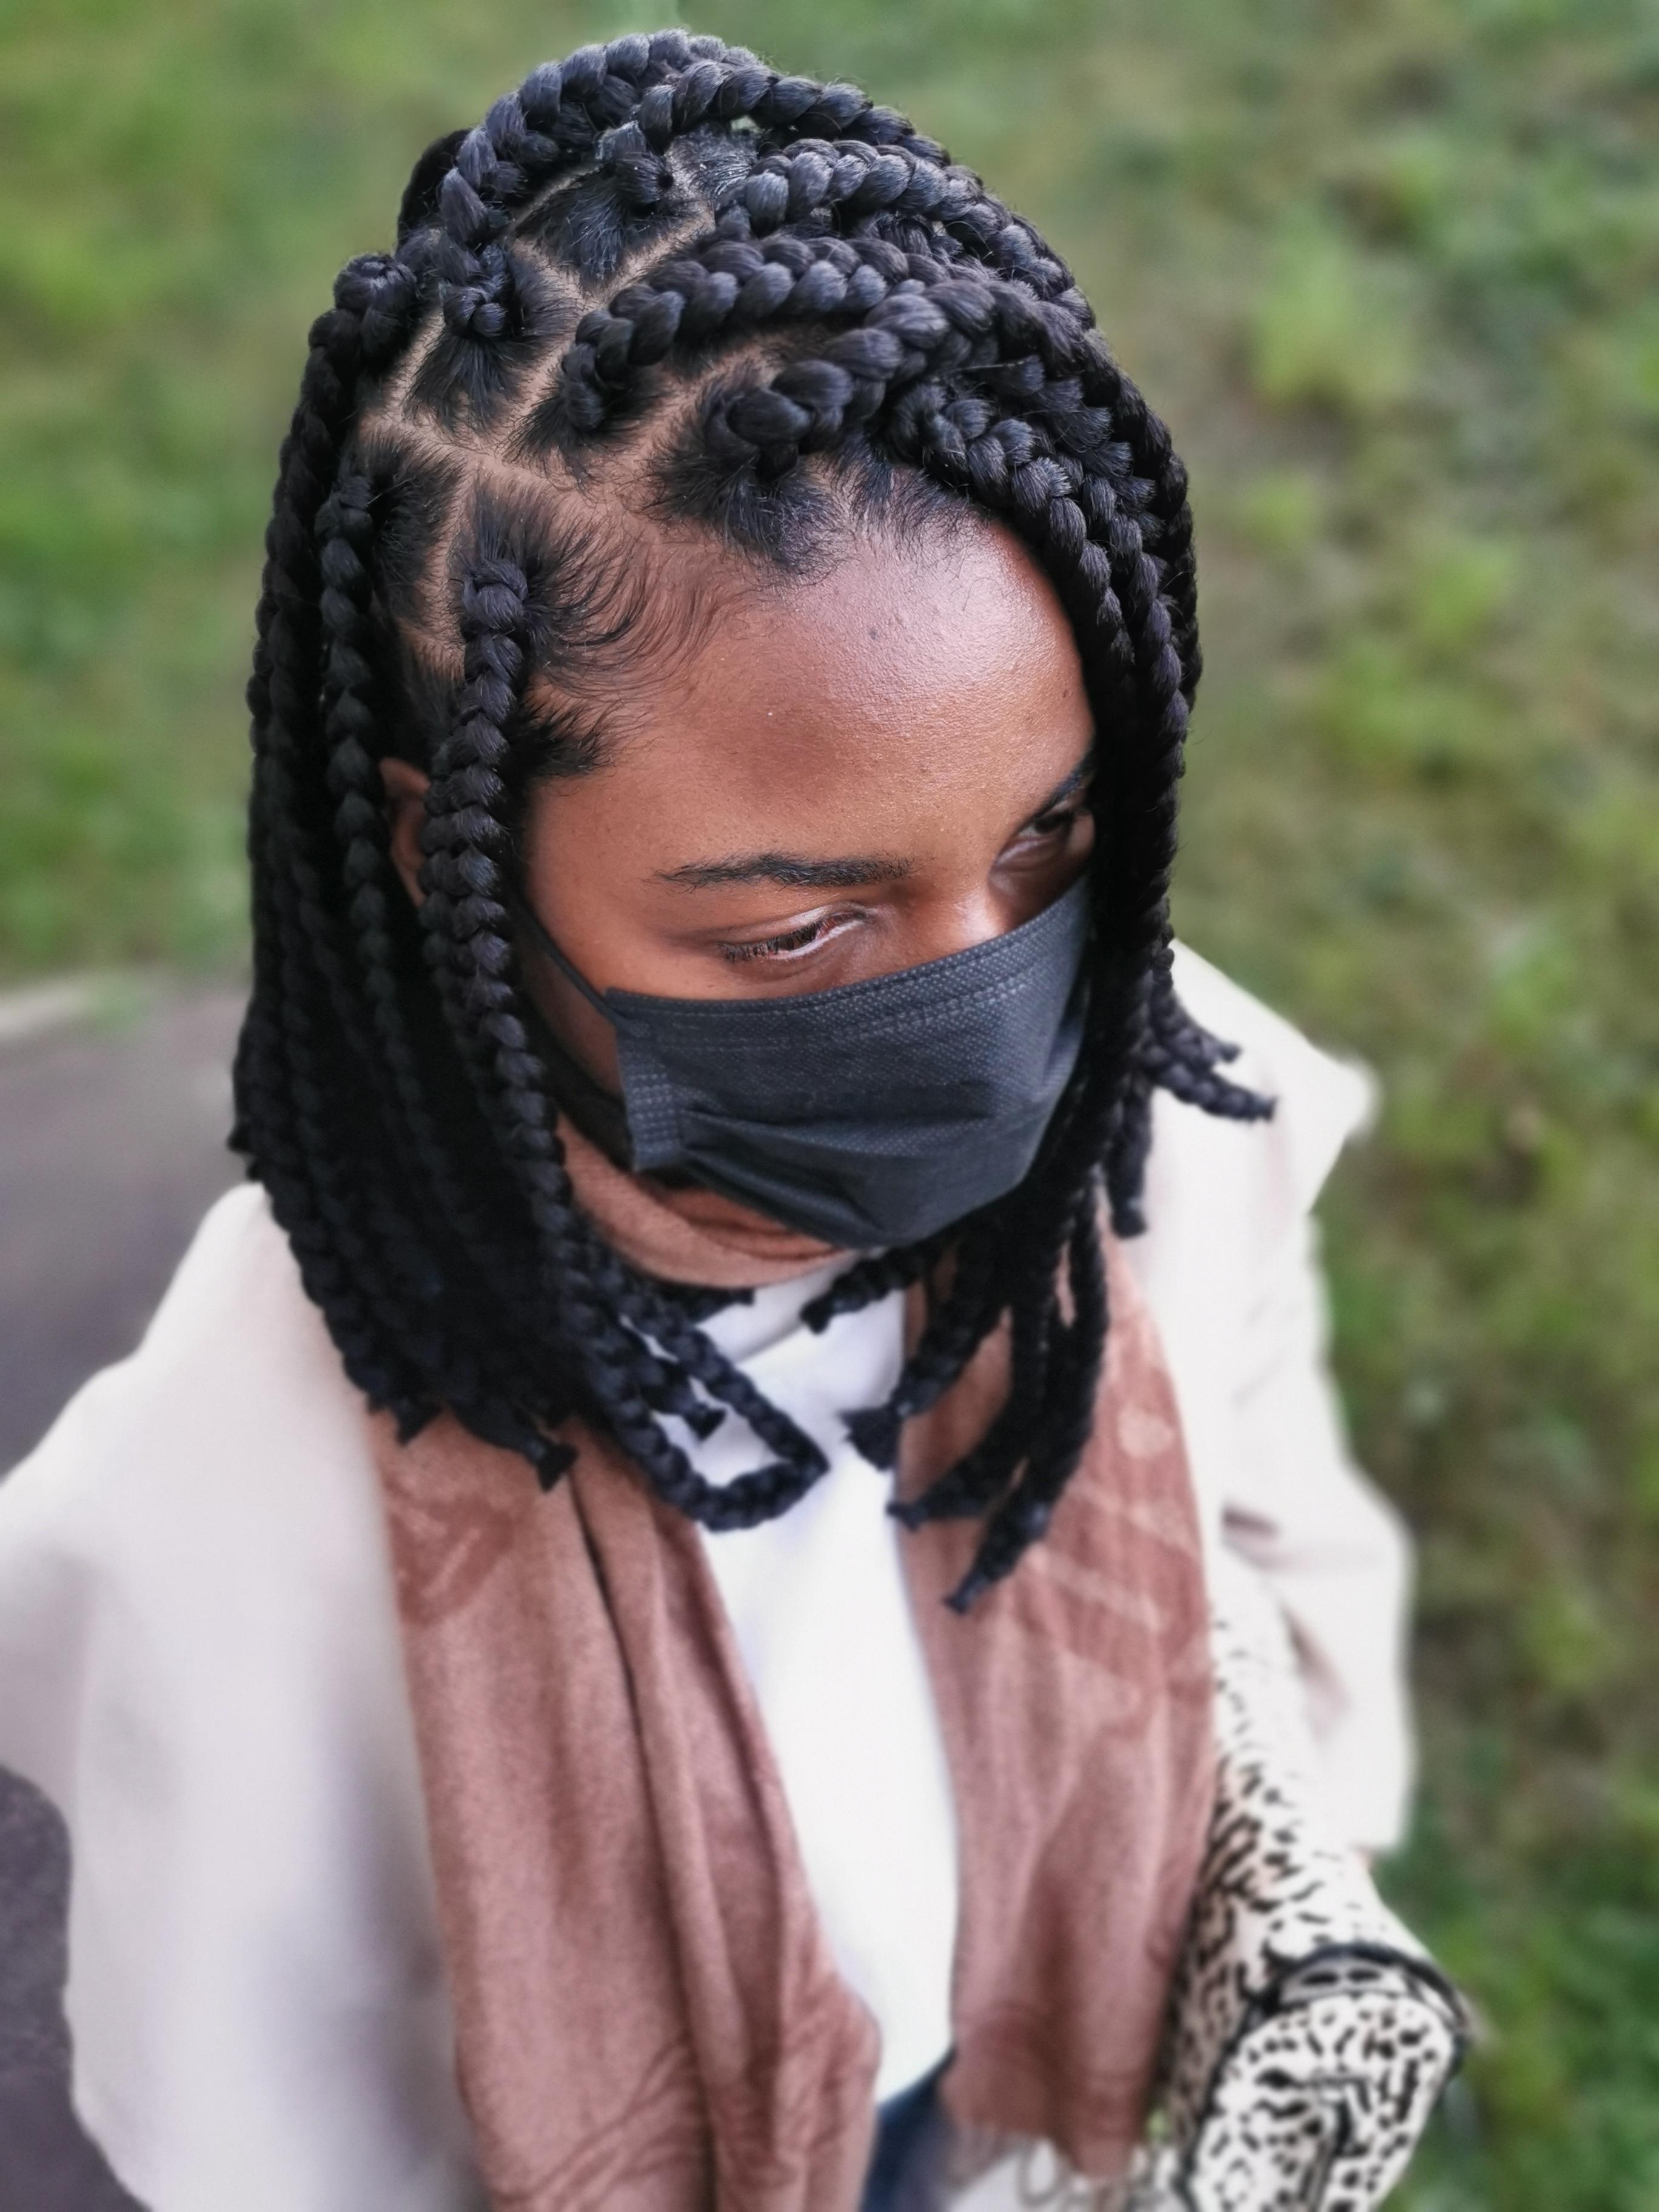 salon de coiffure afro tresse tresses box braids crochet braids vanilles tissages paris 75 77 78 91 92 93 94 95 ETGZIOIC